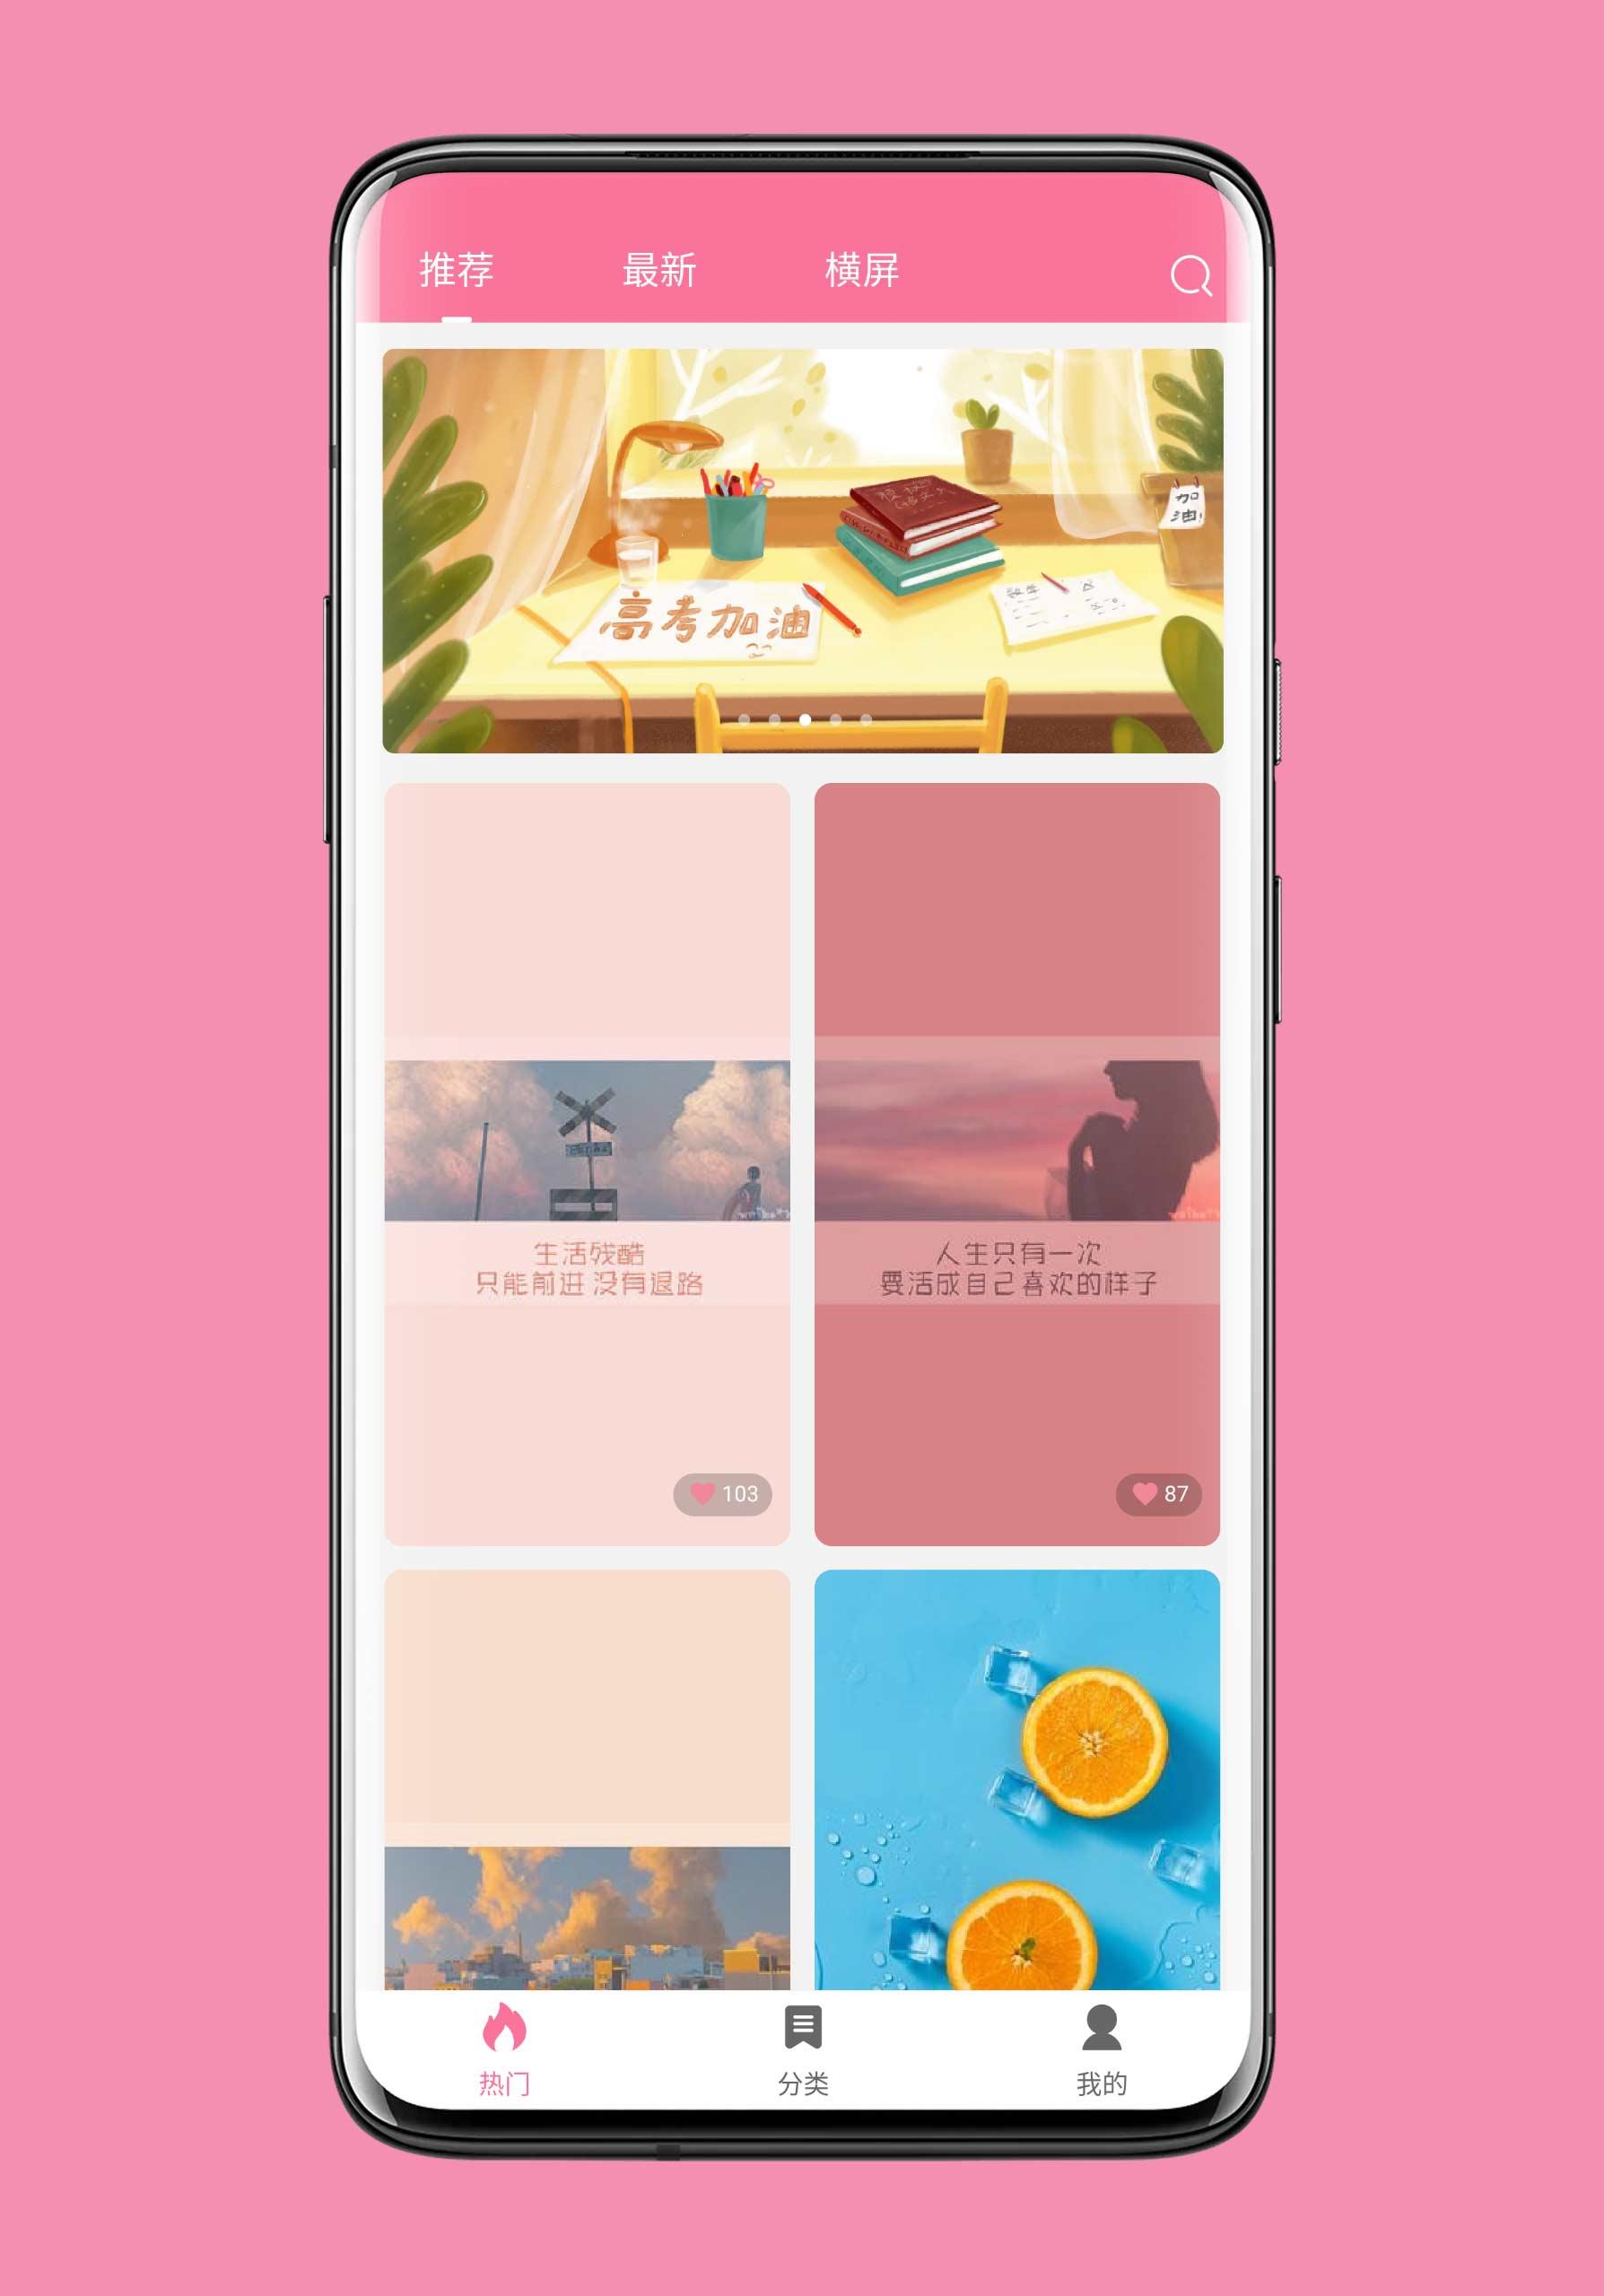 【资源分享】壁纸喵(资源超丰富,壁纸质量高)-爱小助